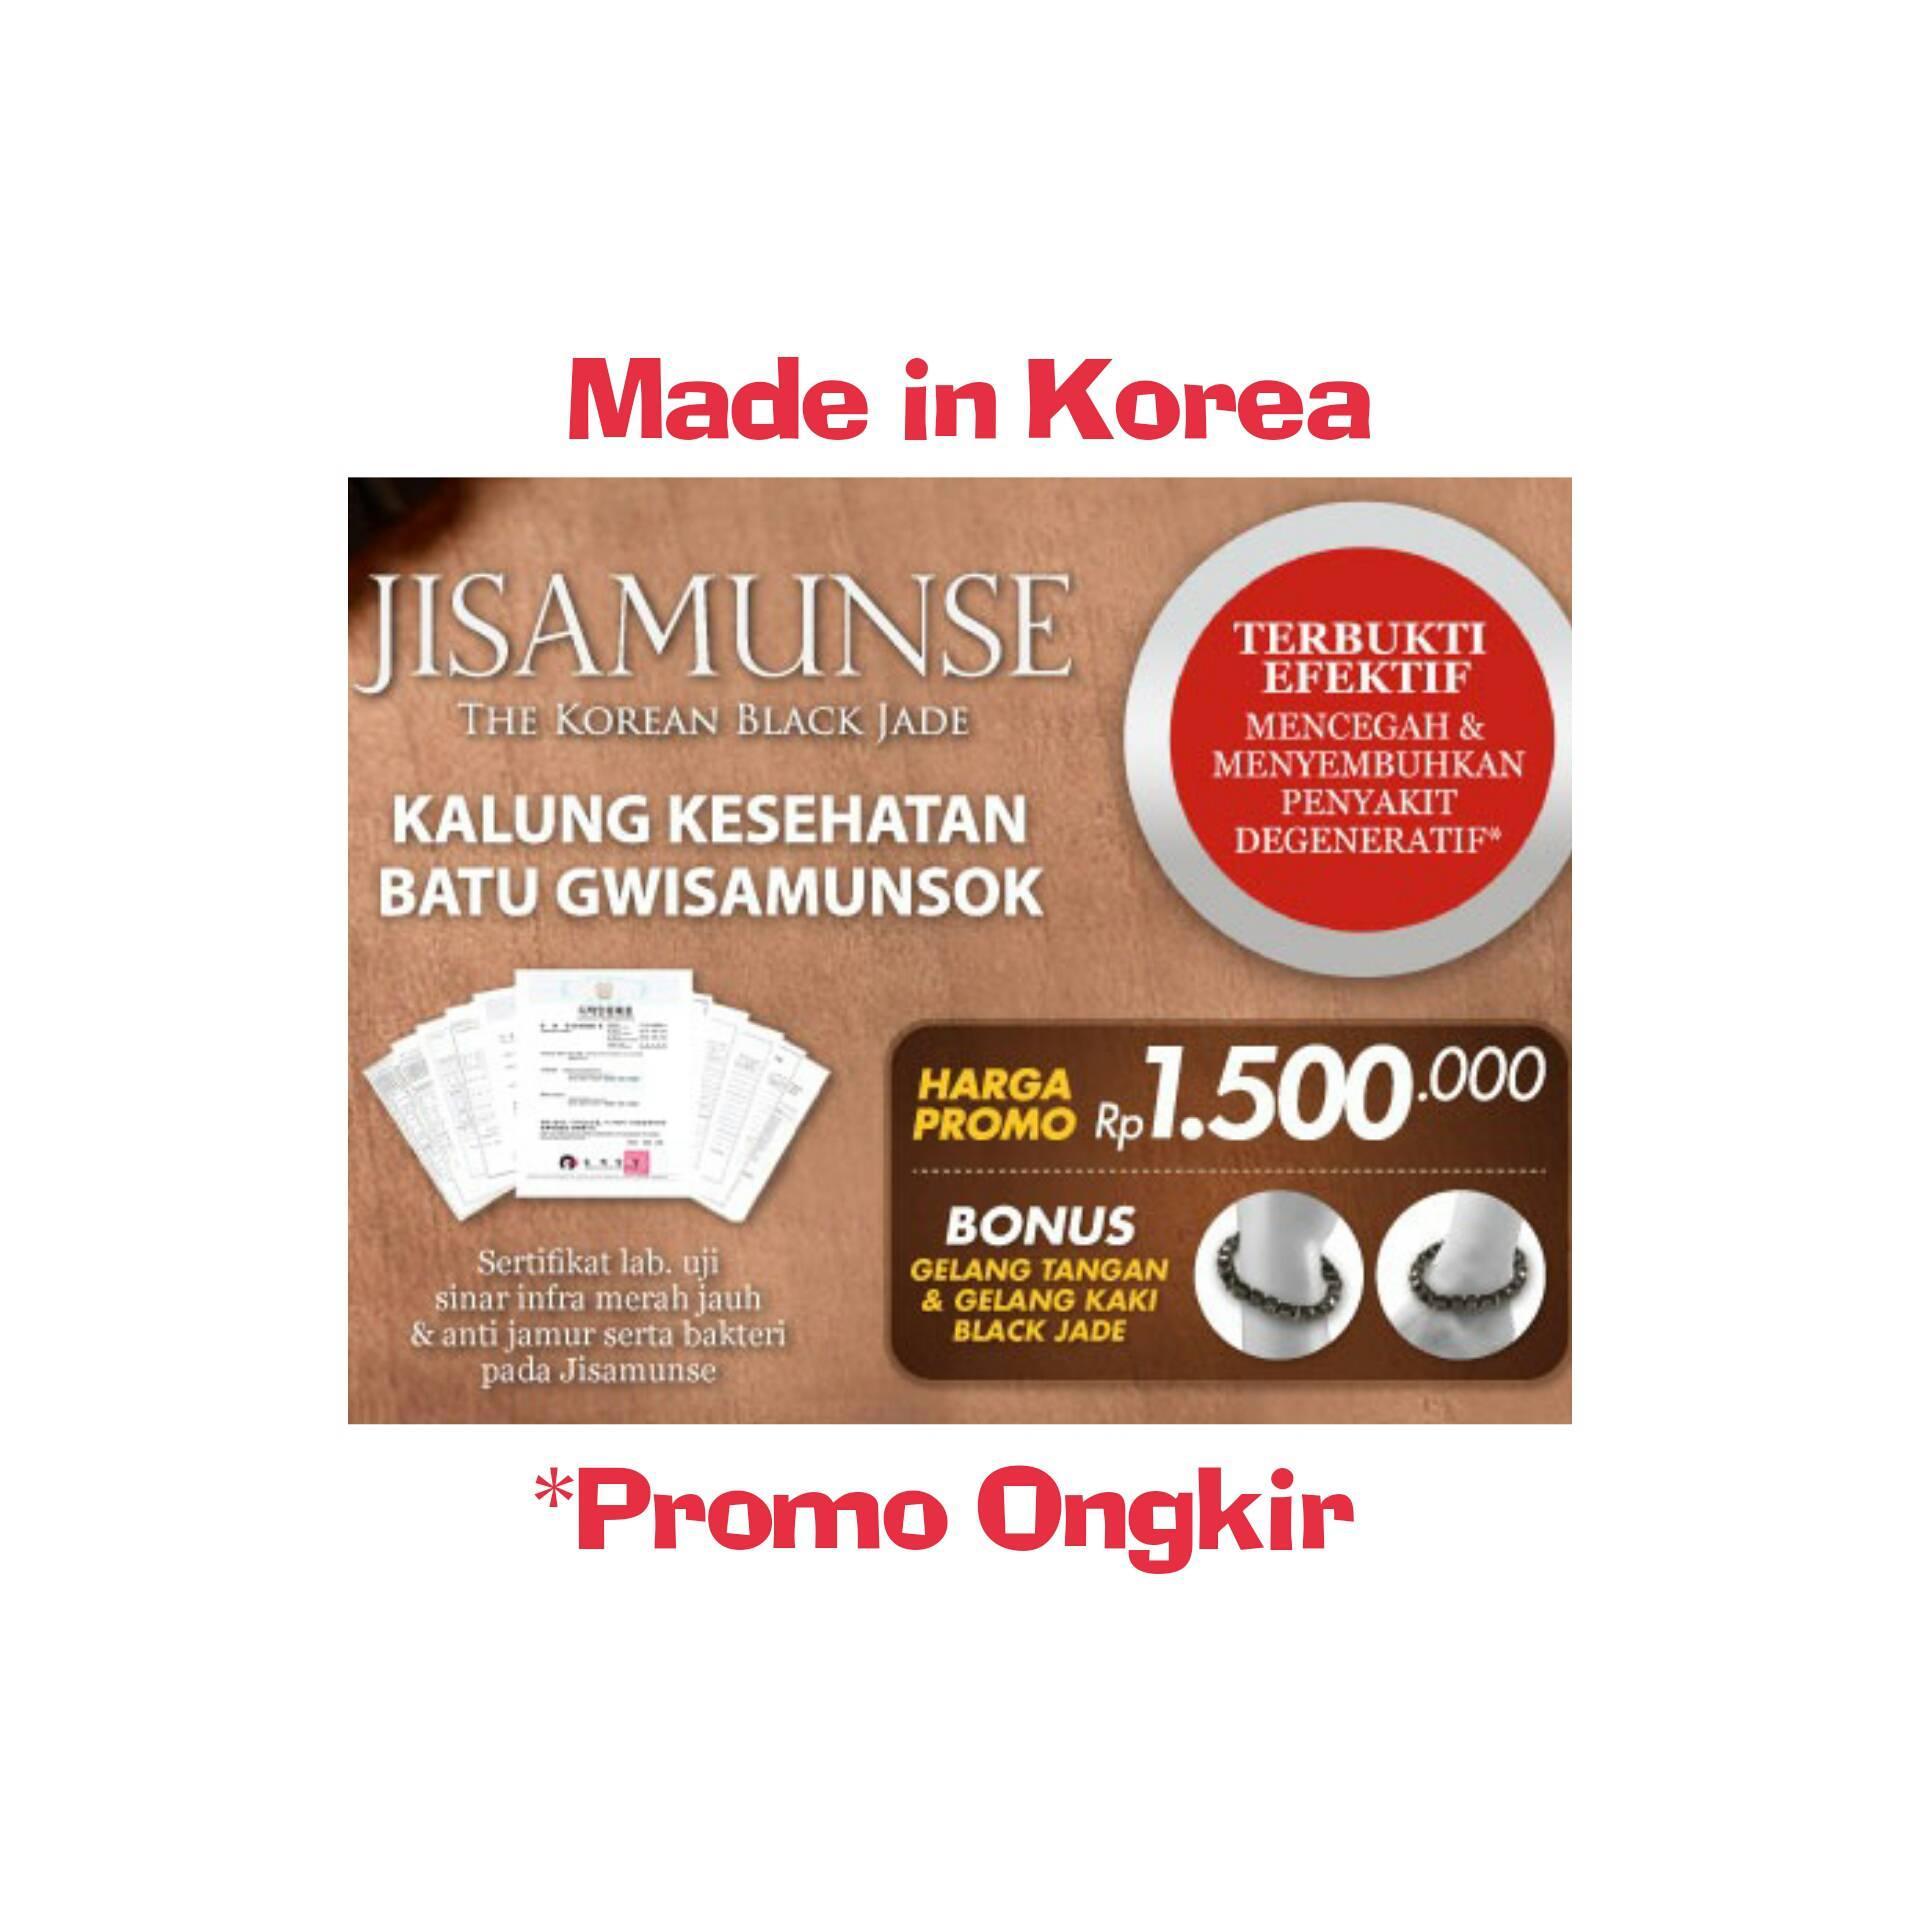 JISAMUNSE Kalung Kesehatan JM Medical Korea Gwisamunsok